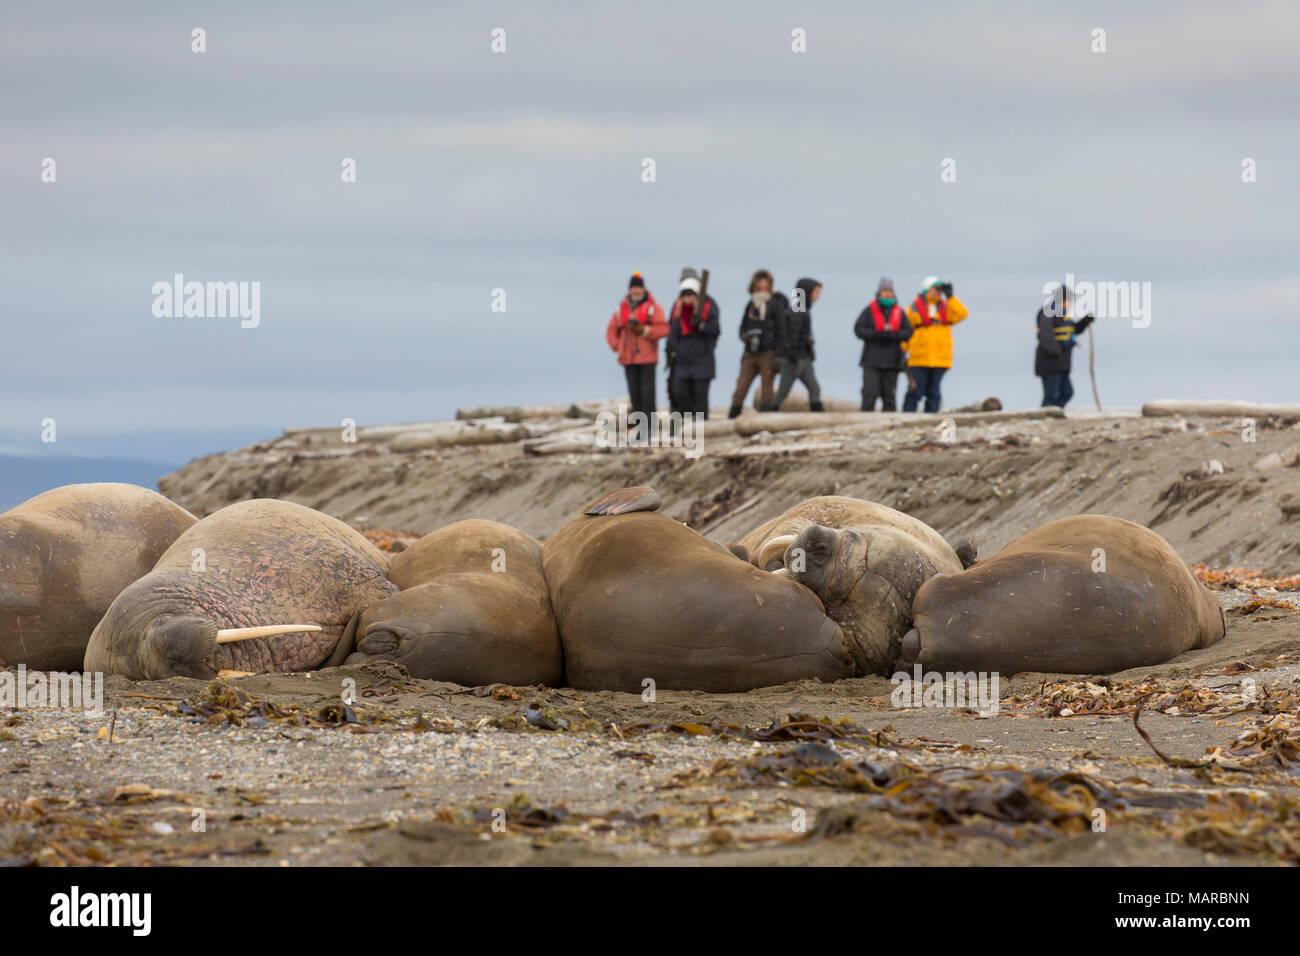 Morse (Odobenus rosmarus). Les touristes prendre des photos d'walrusses sur une plage. Svalbard, Norvège Photo Stock